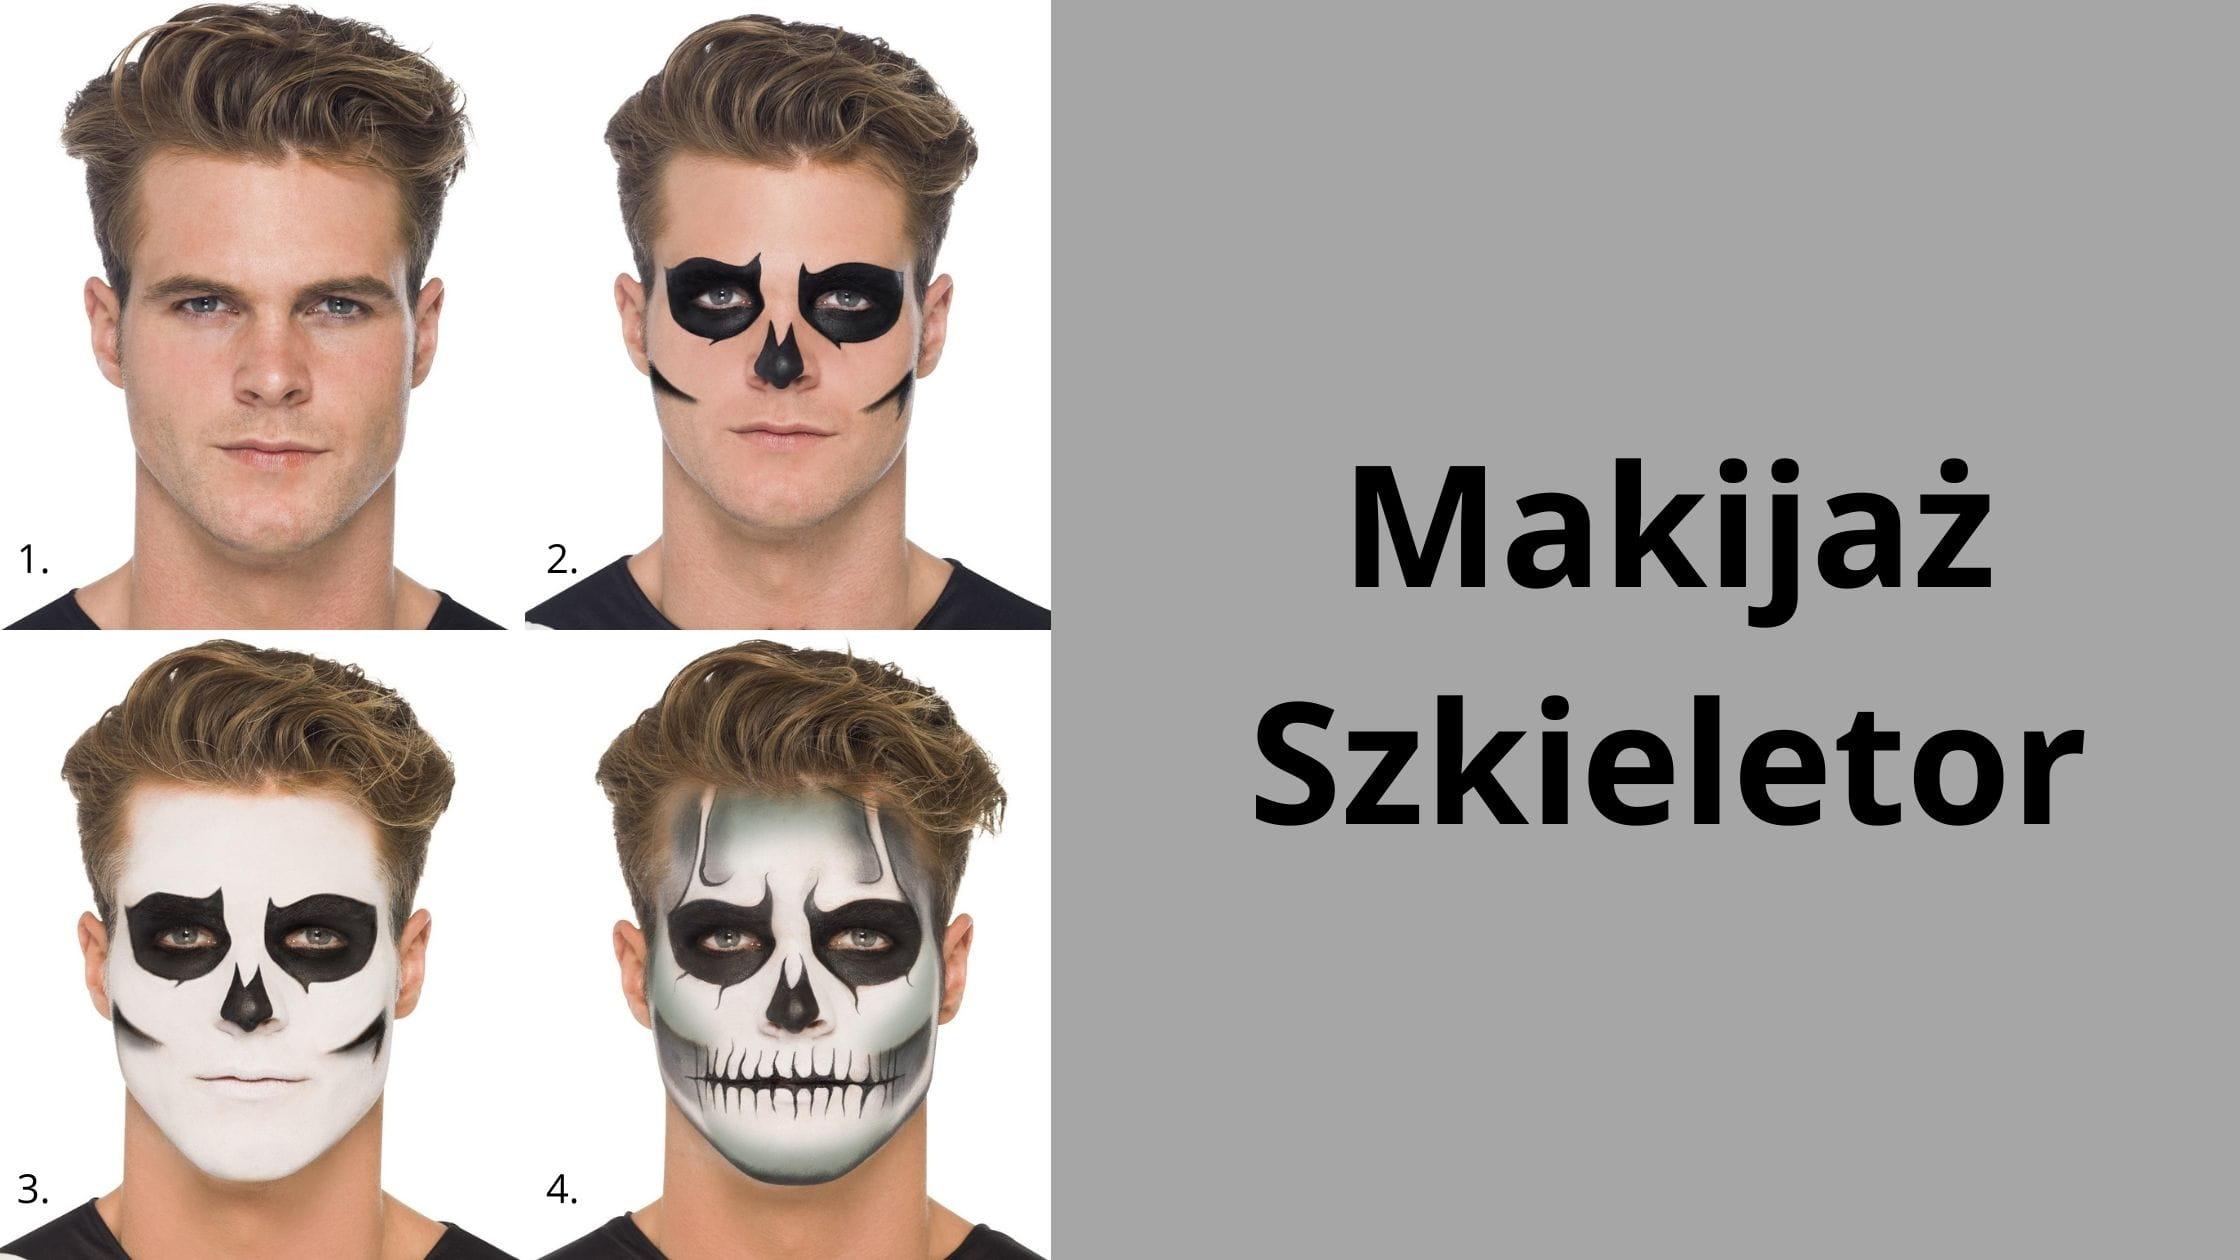 Makijaż Szkieletor